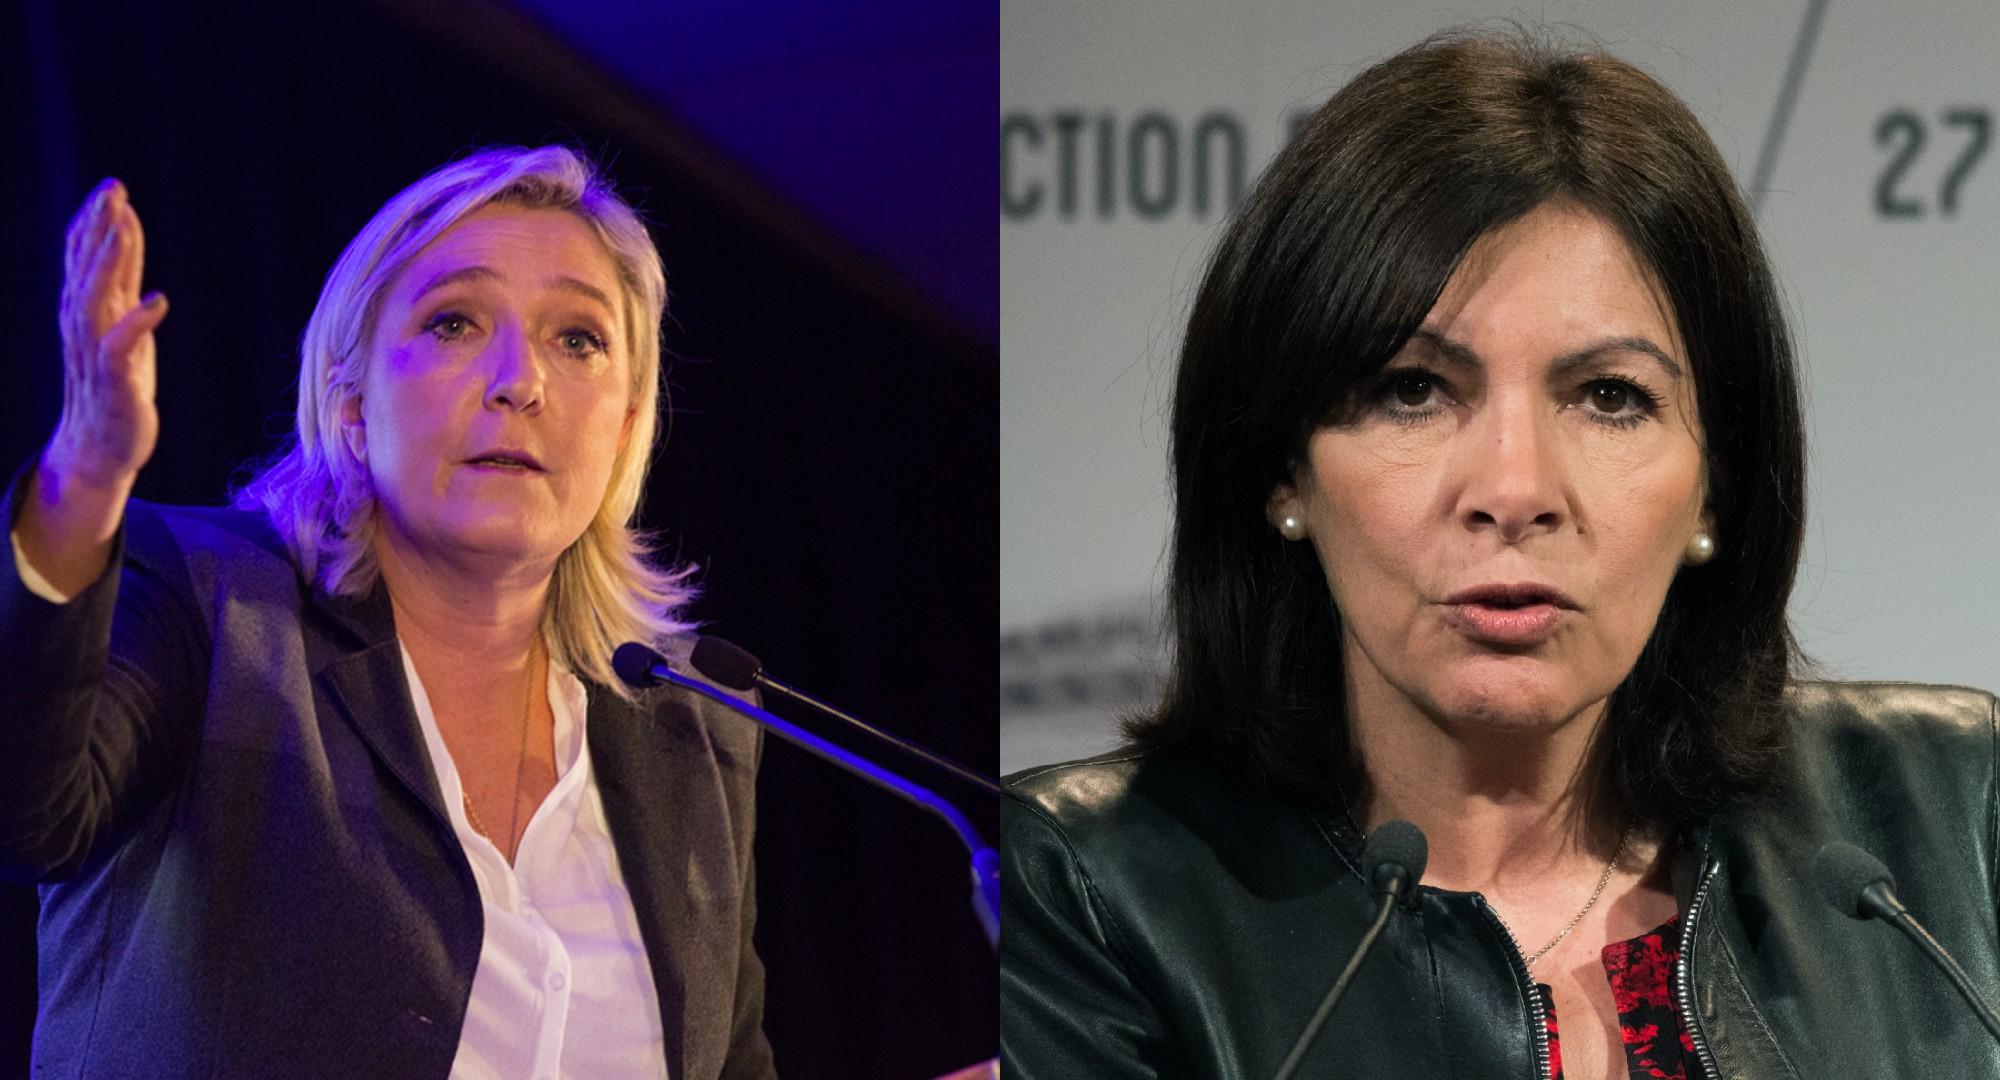 Bà Marine Le Pen vàAnne Hidalgovận động tranh cử vị trí Tổng thống Pháp cho cuộc bầu cử mùa xuân năm 2022.